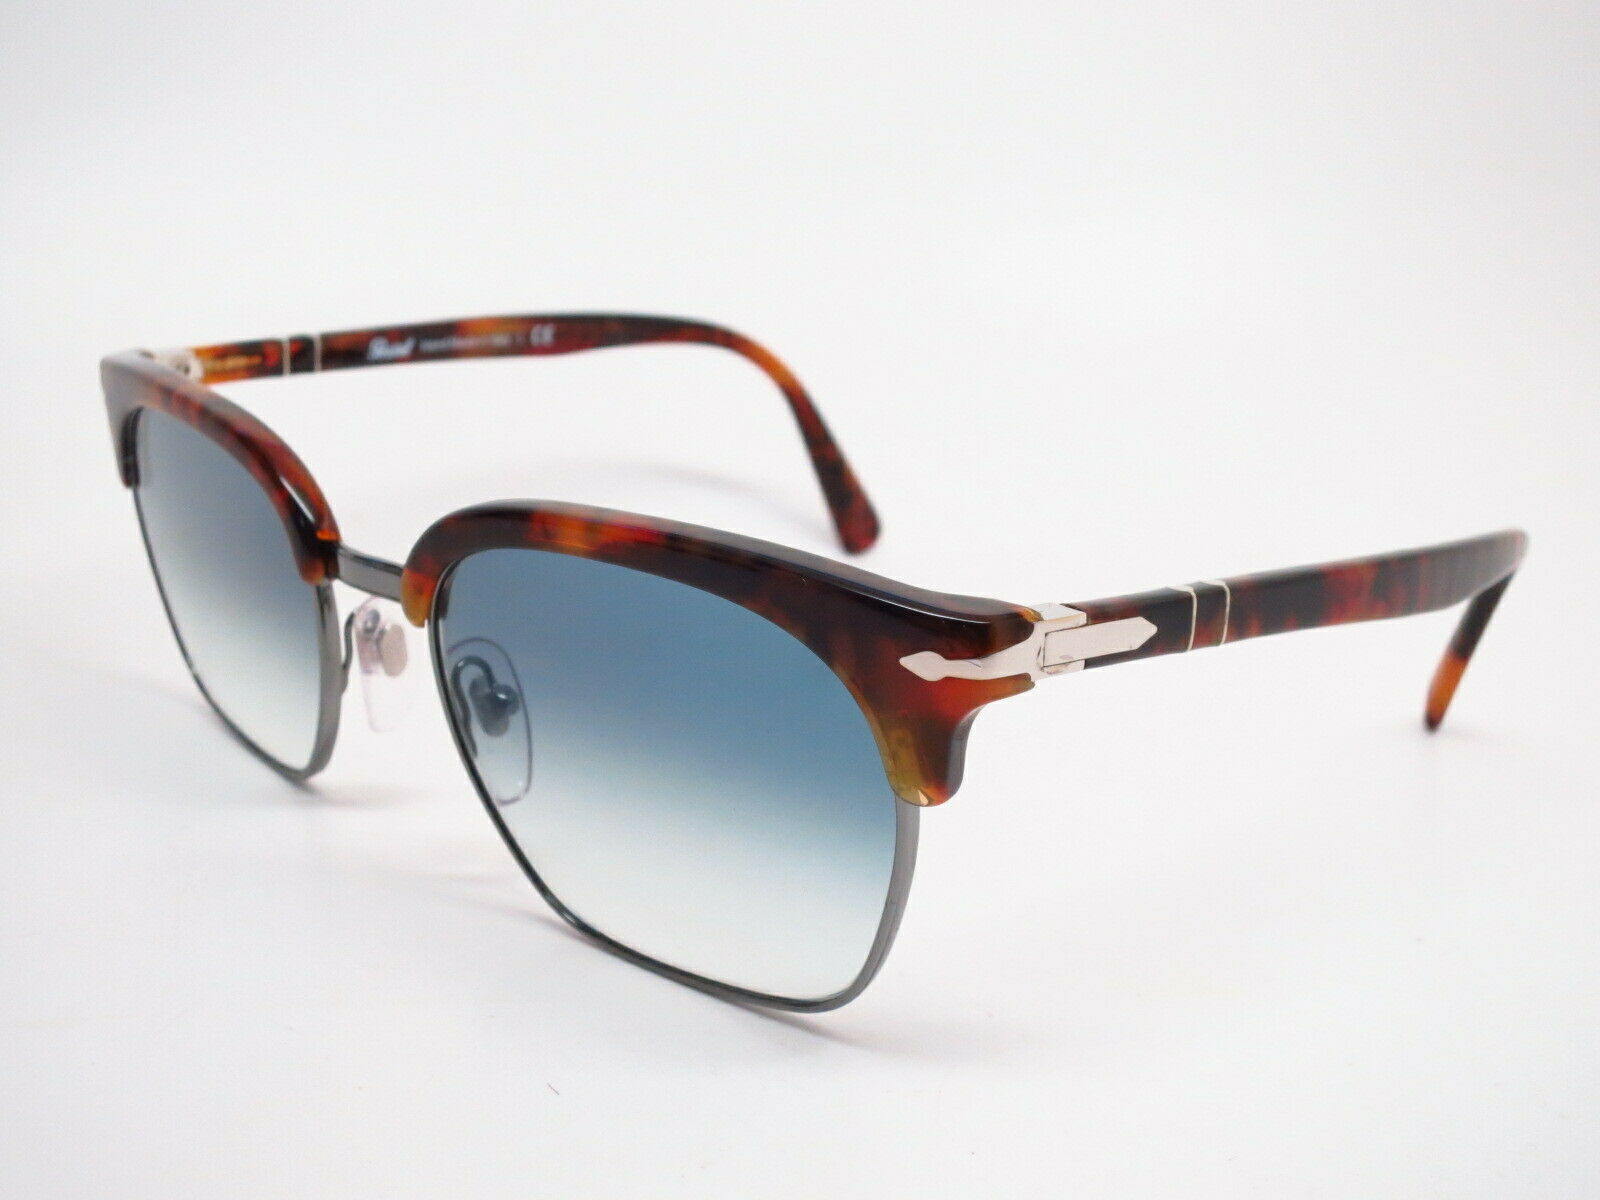 Persol Cellor Evolution Caffe//Gunmetal Brow-Line Sunglasses PO3199S 107171 Italy